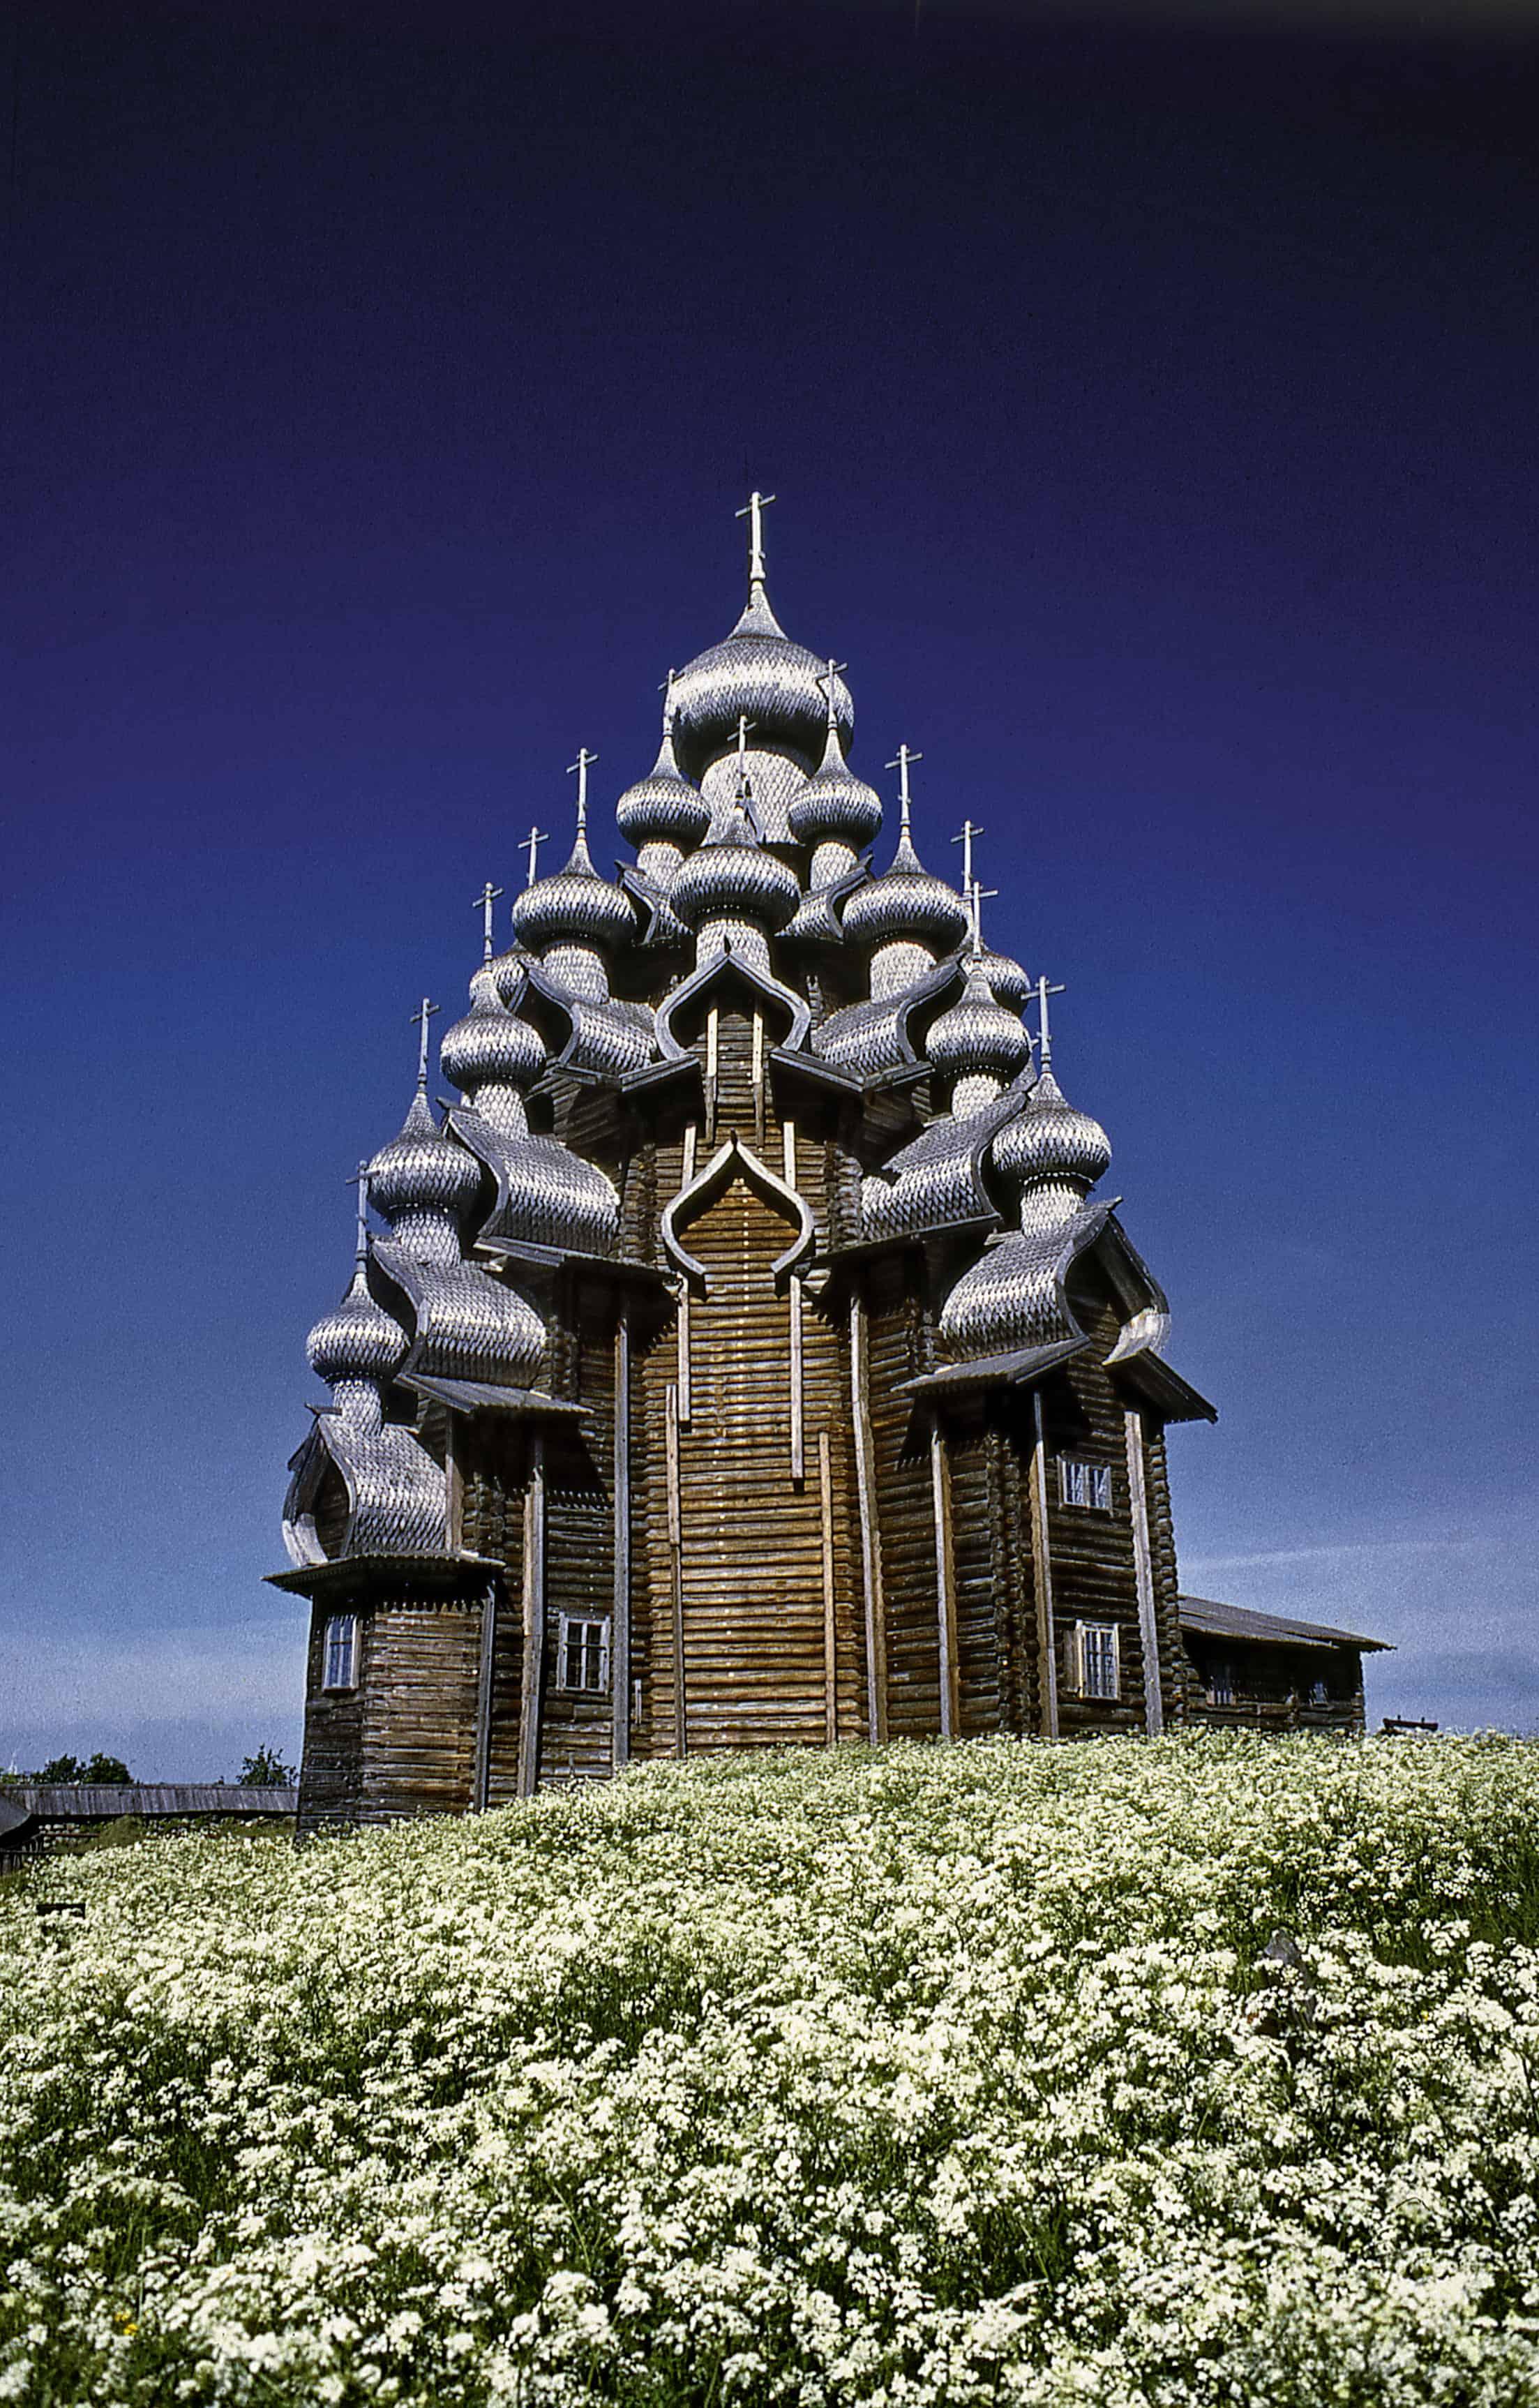 Преображенская церковь на острове Кижи. Фото из архива Владимира Ларионова